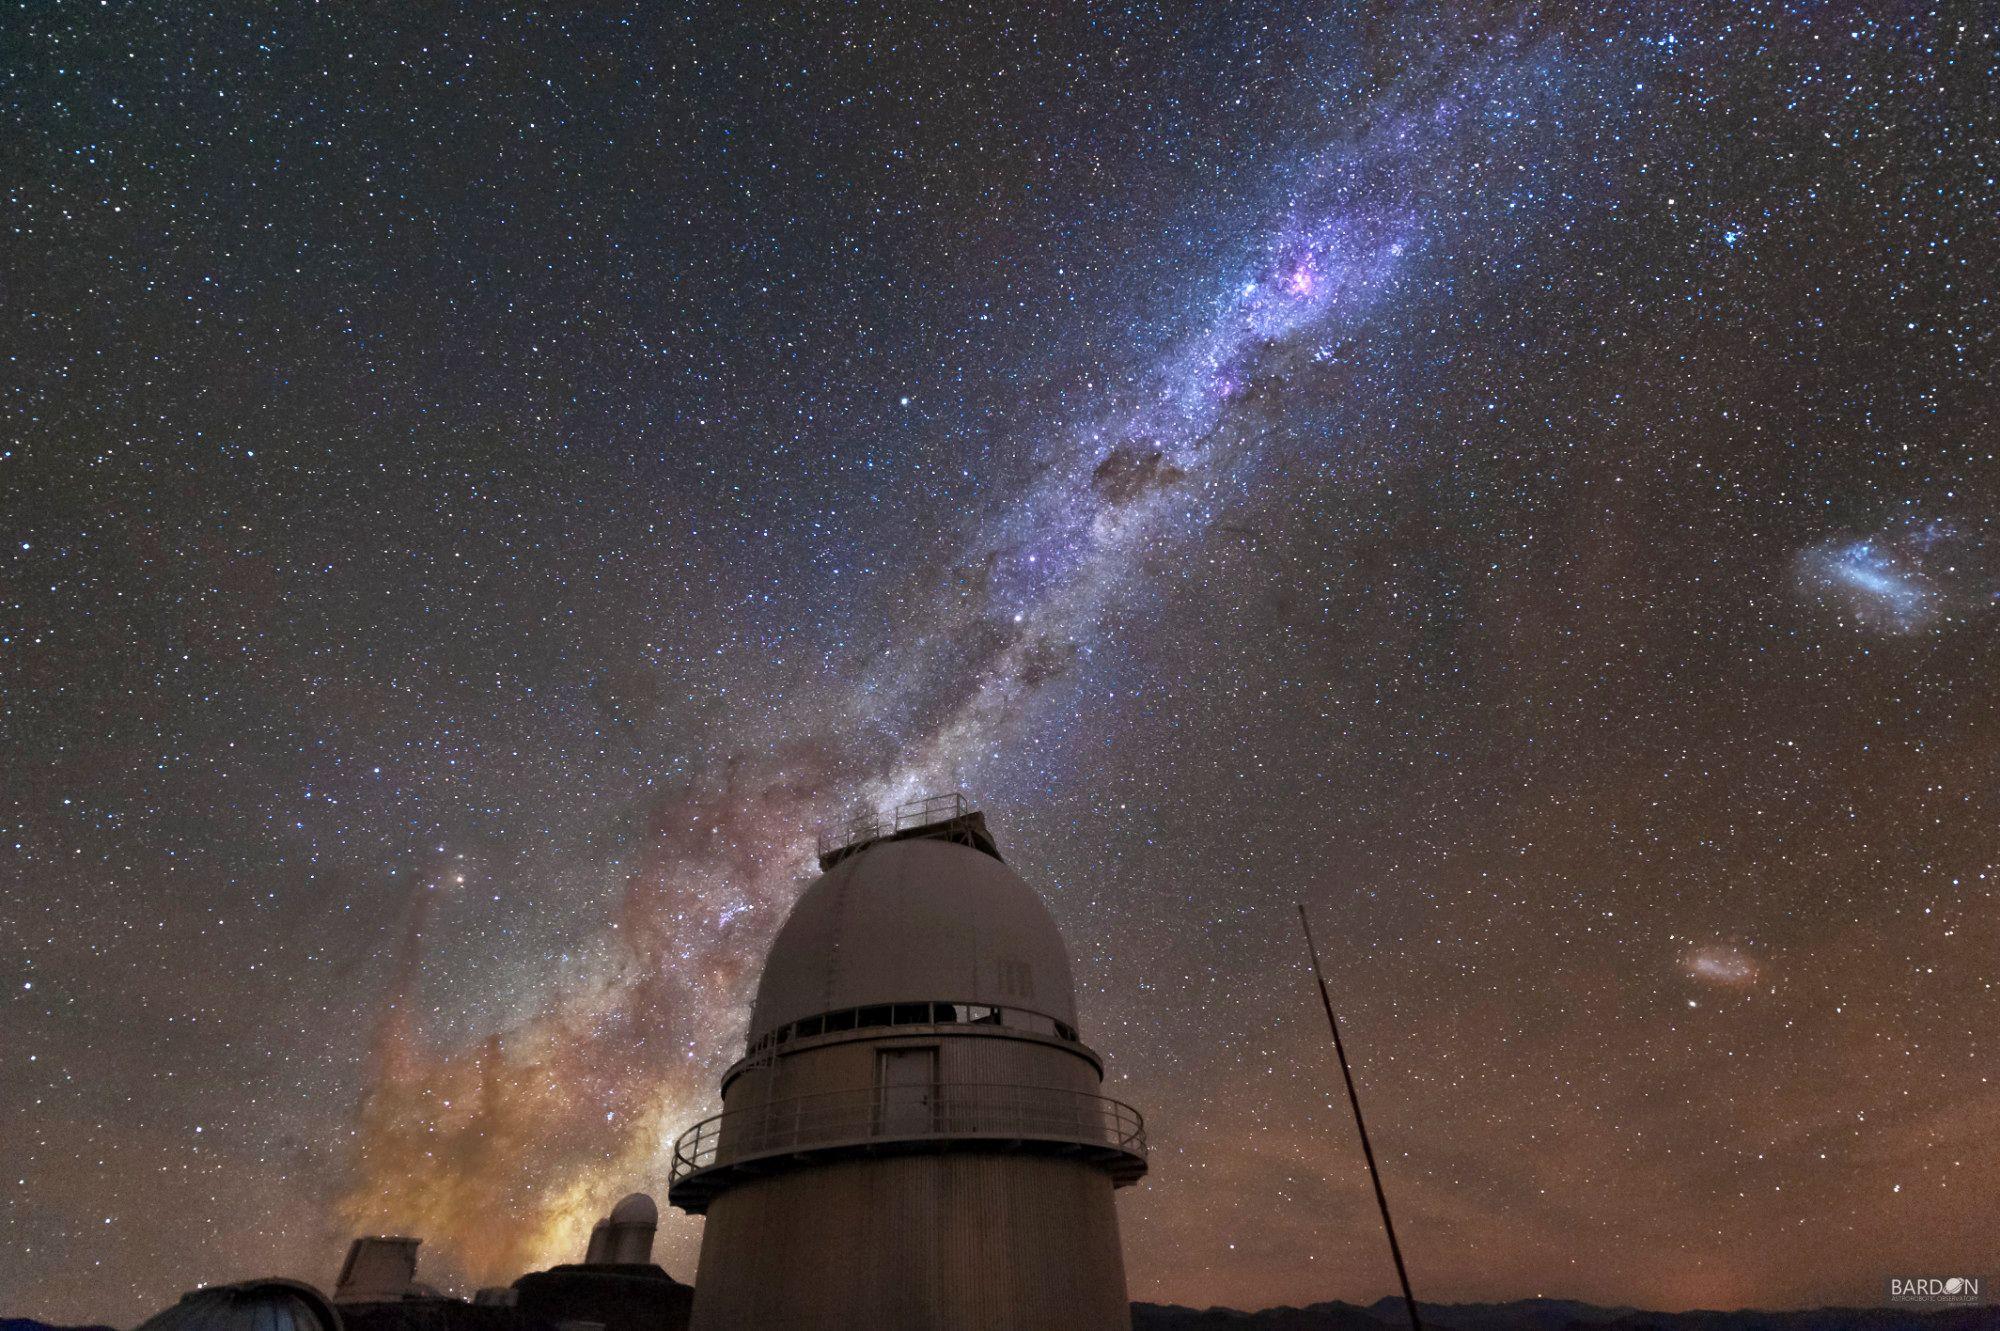 Mléčná dráha nad Dánským 1,54 m dalekohledem